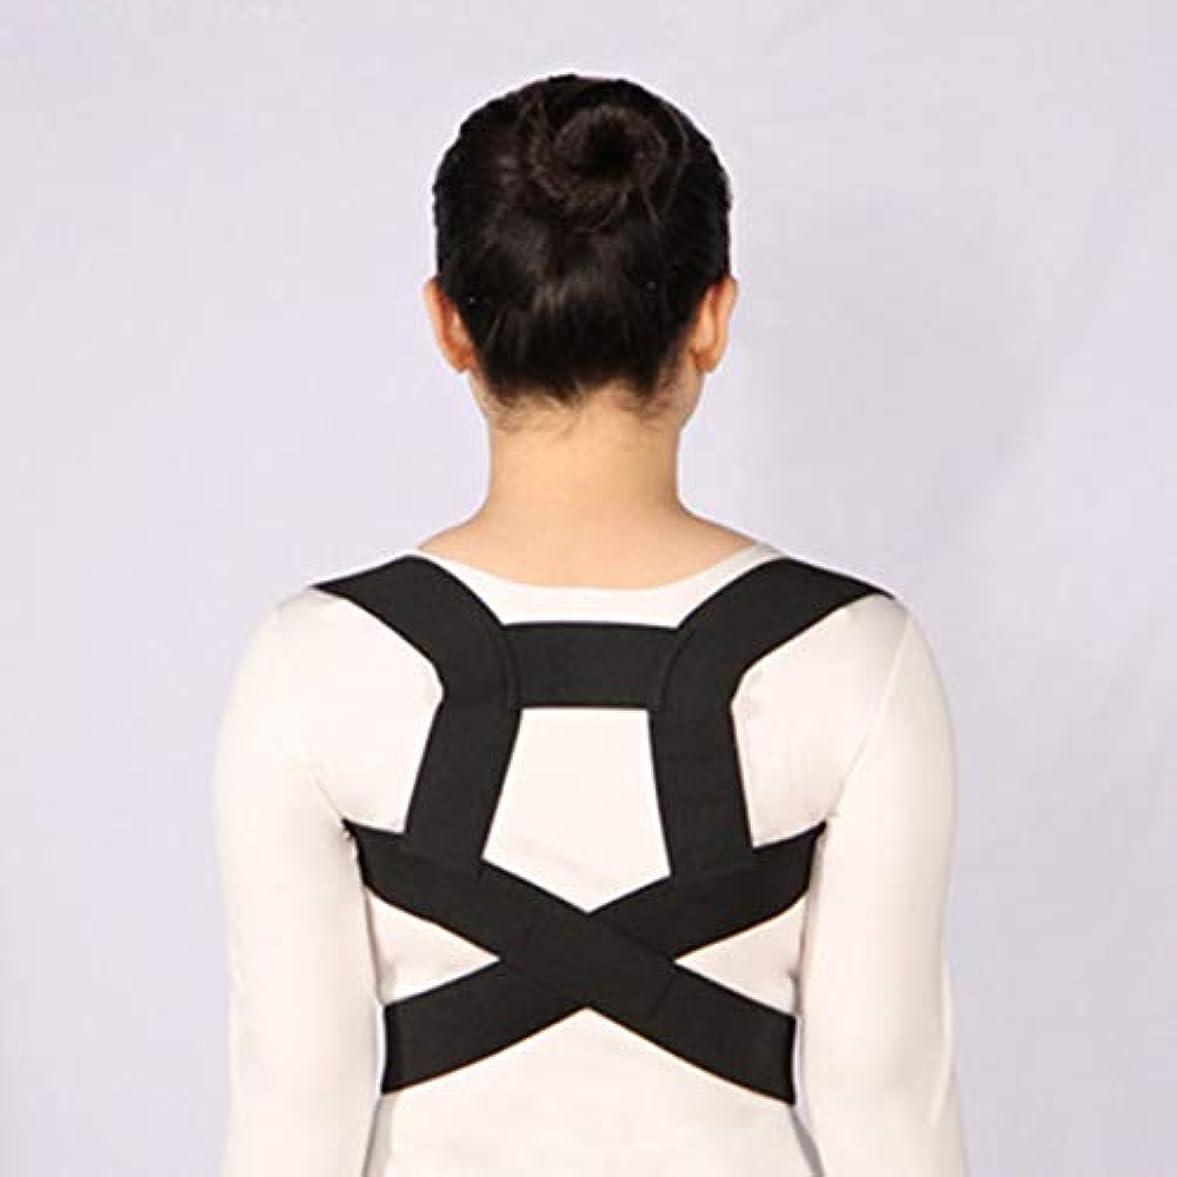 つかいますクライマックス万一に備えて姿勢矯正側弯症ザトウクジラ補正ベルト調節可能な快適さ目に見えないベルト男性女性大人シンプル - 黒